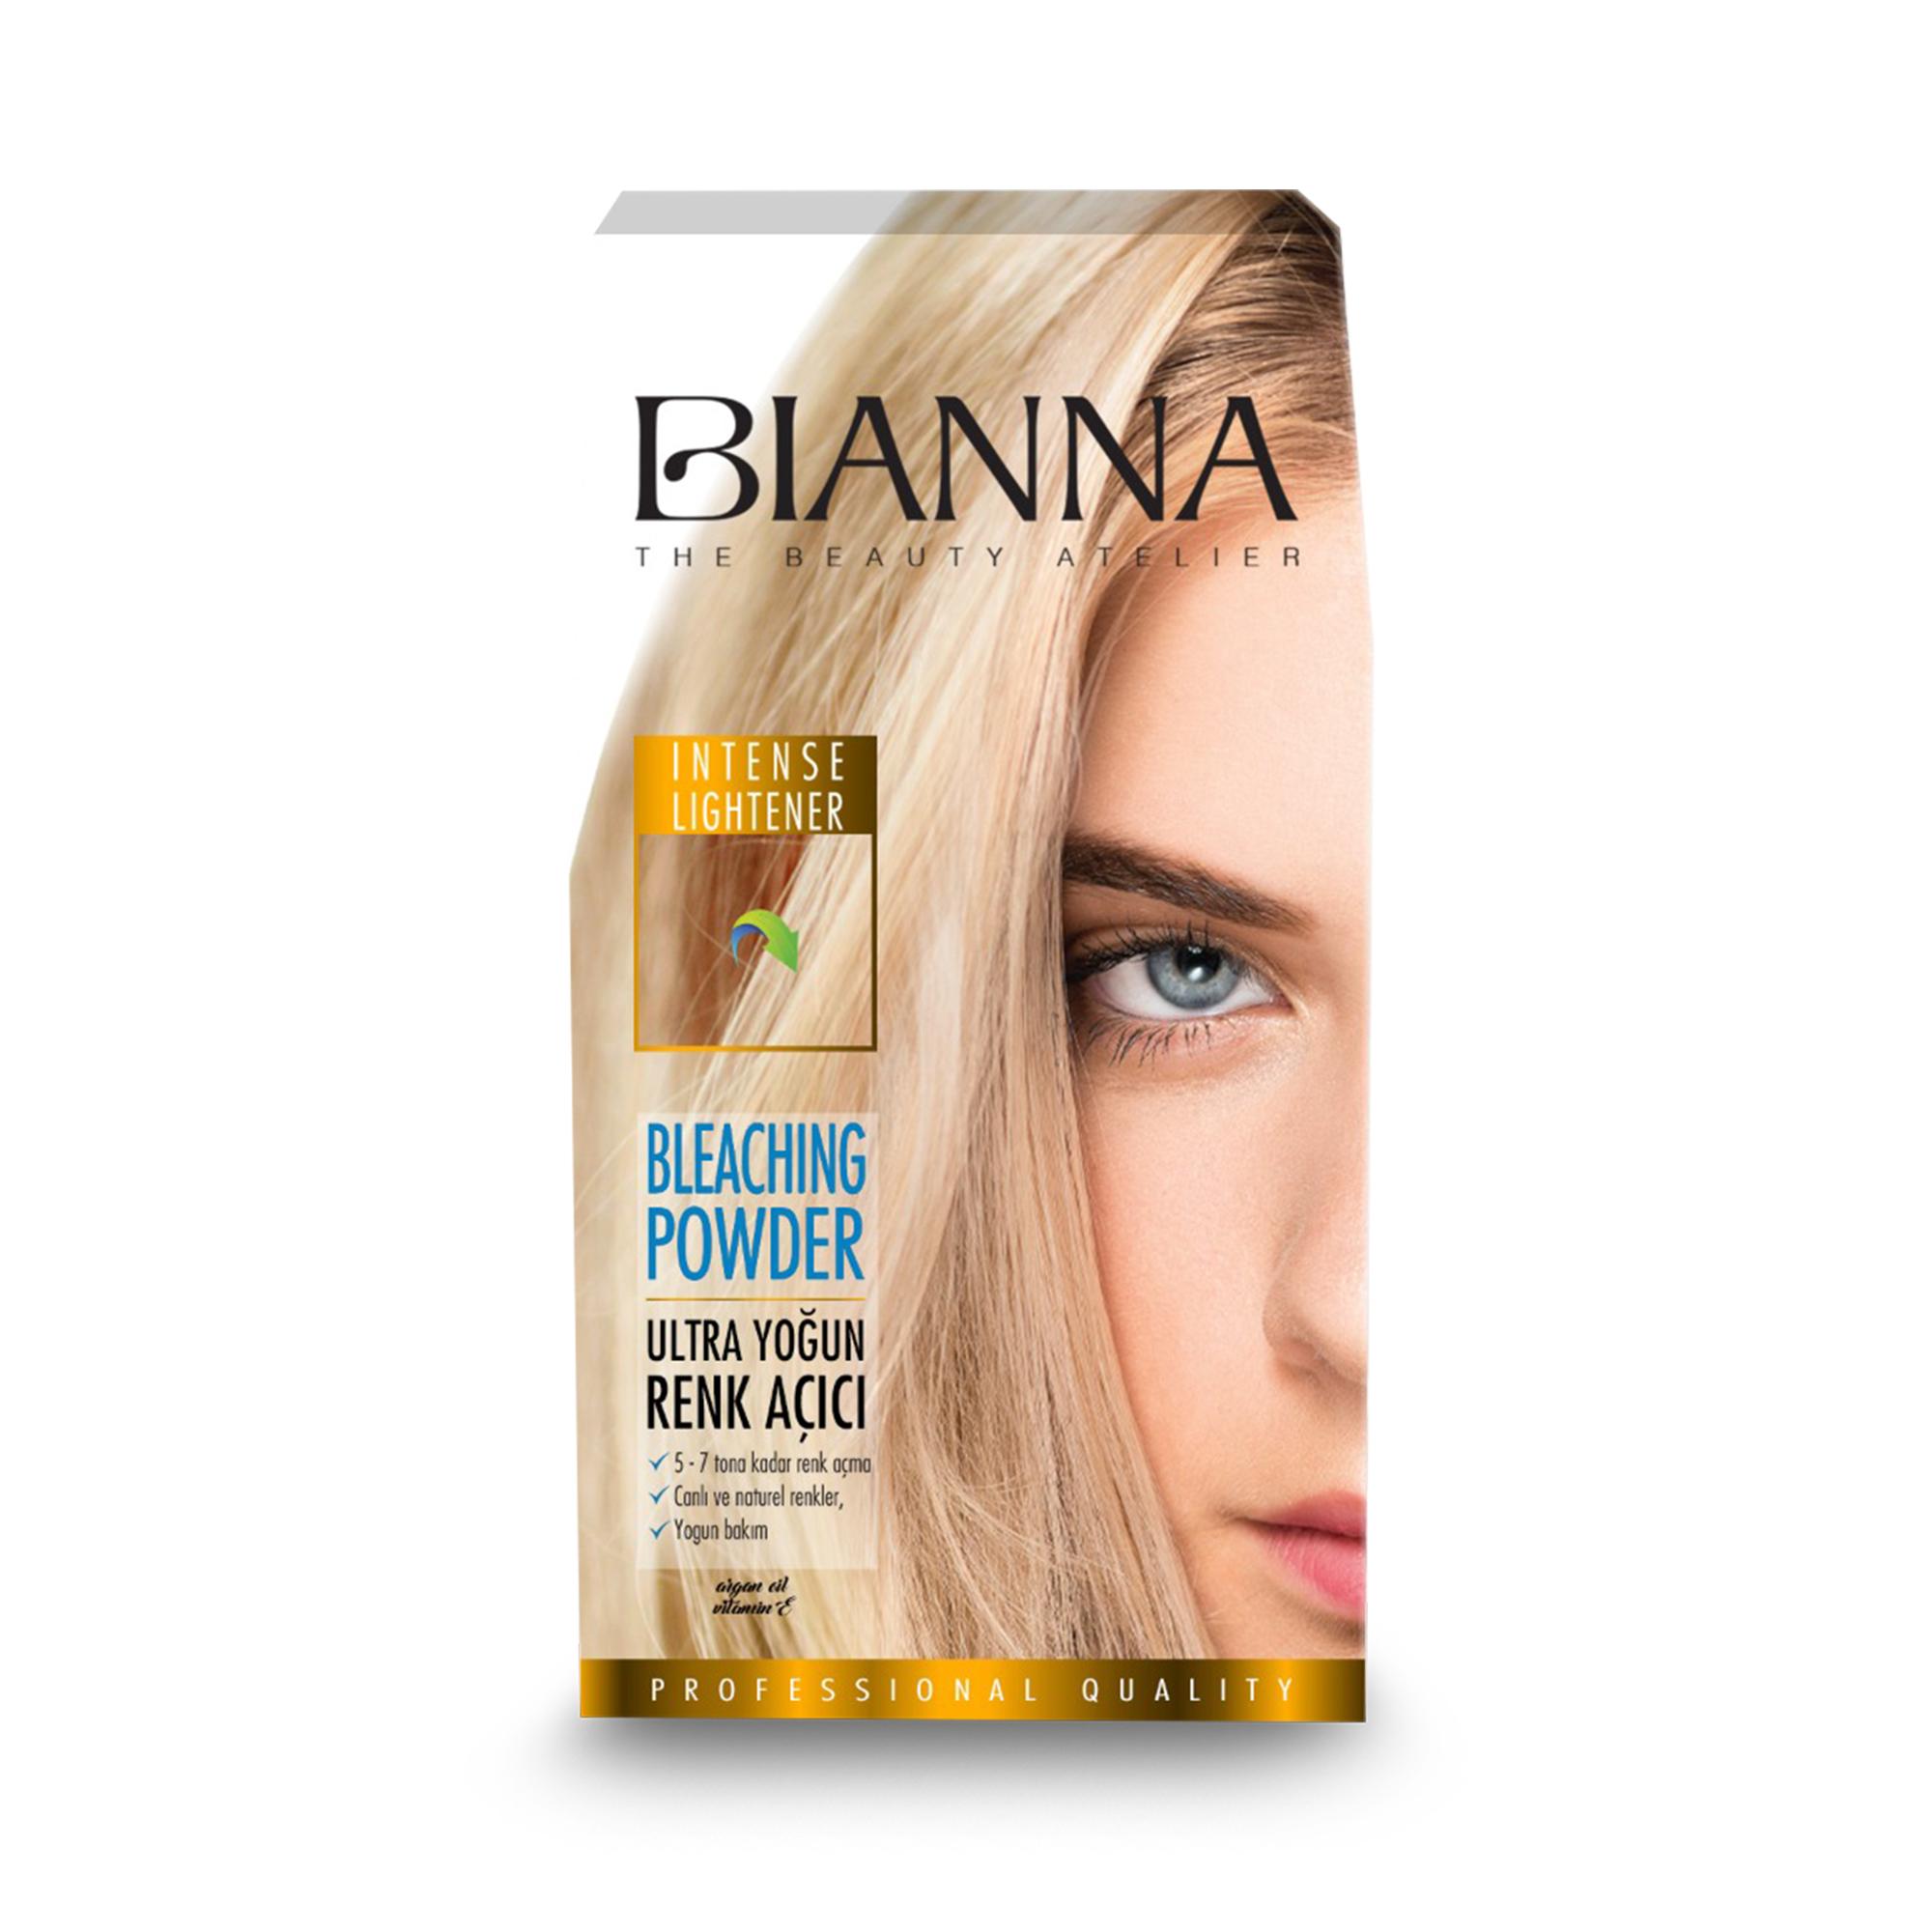 BIANNA HAIR BLEACHER SET / 4220-01